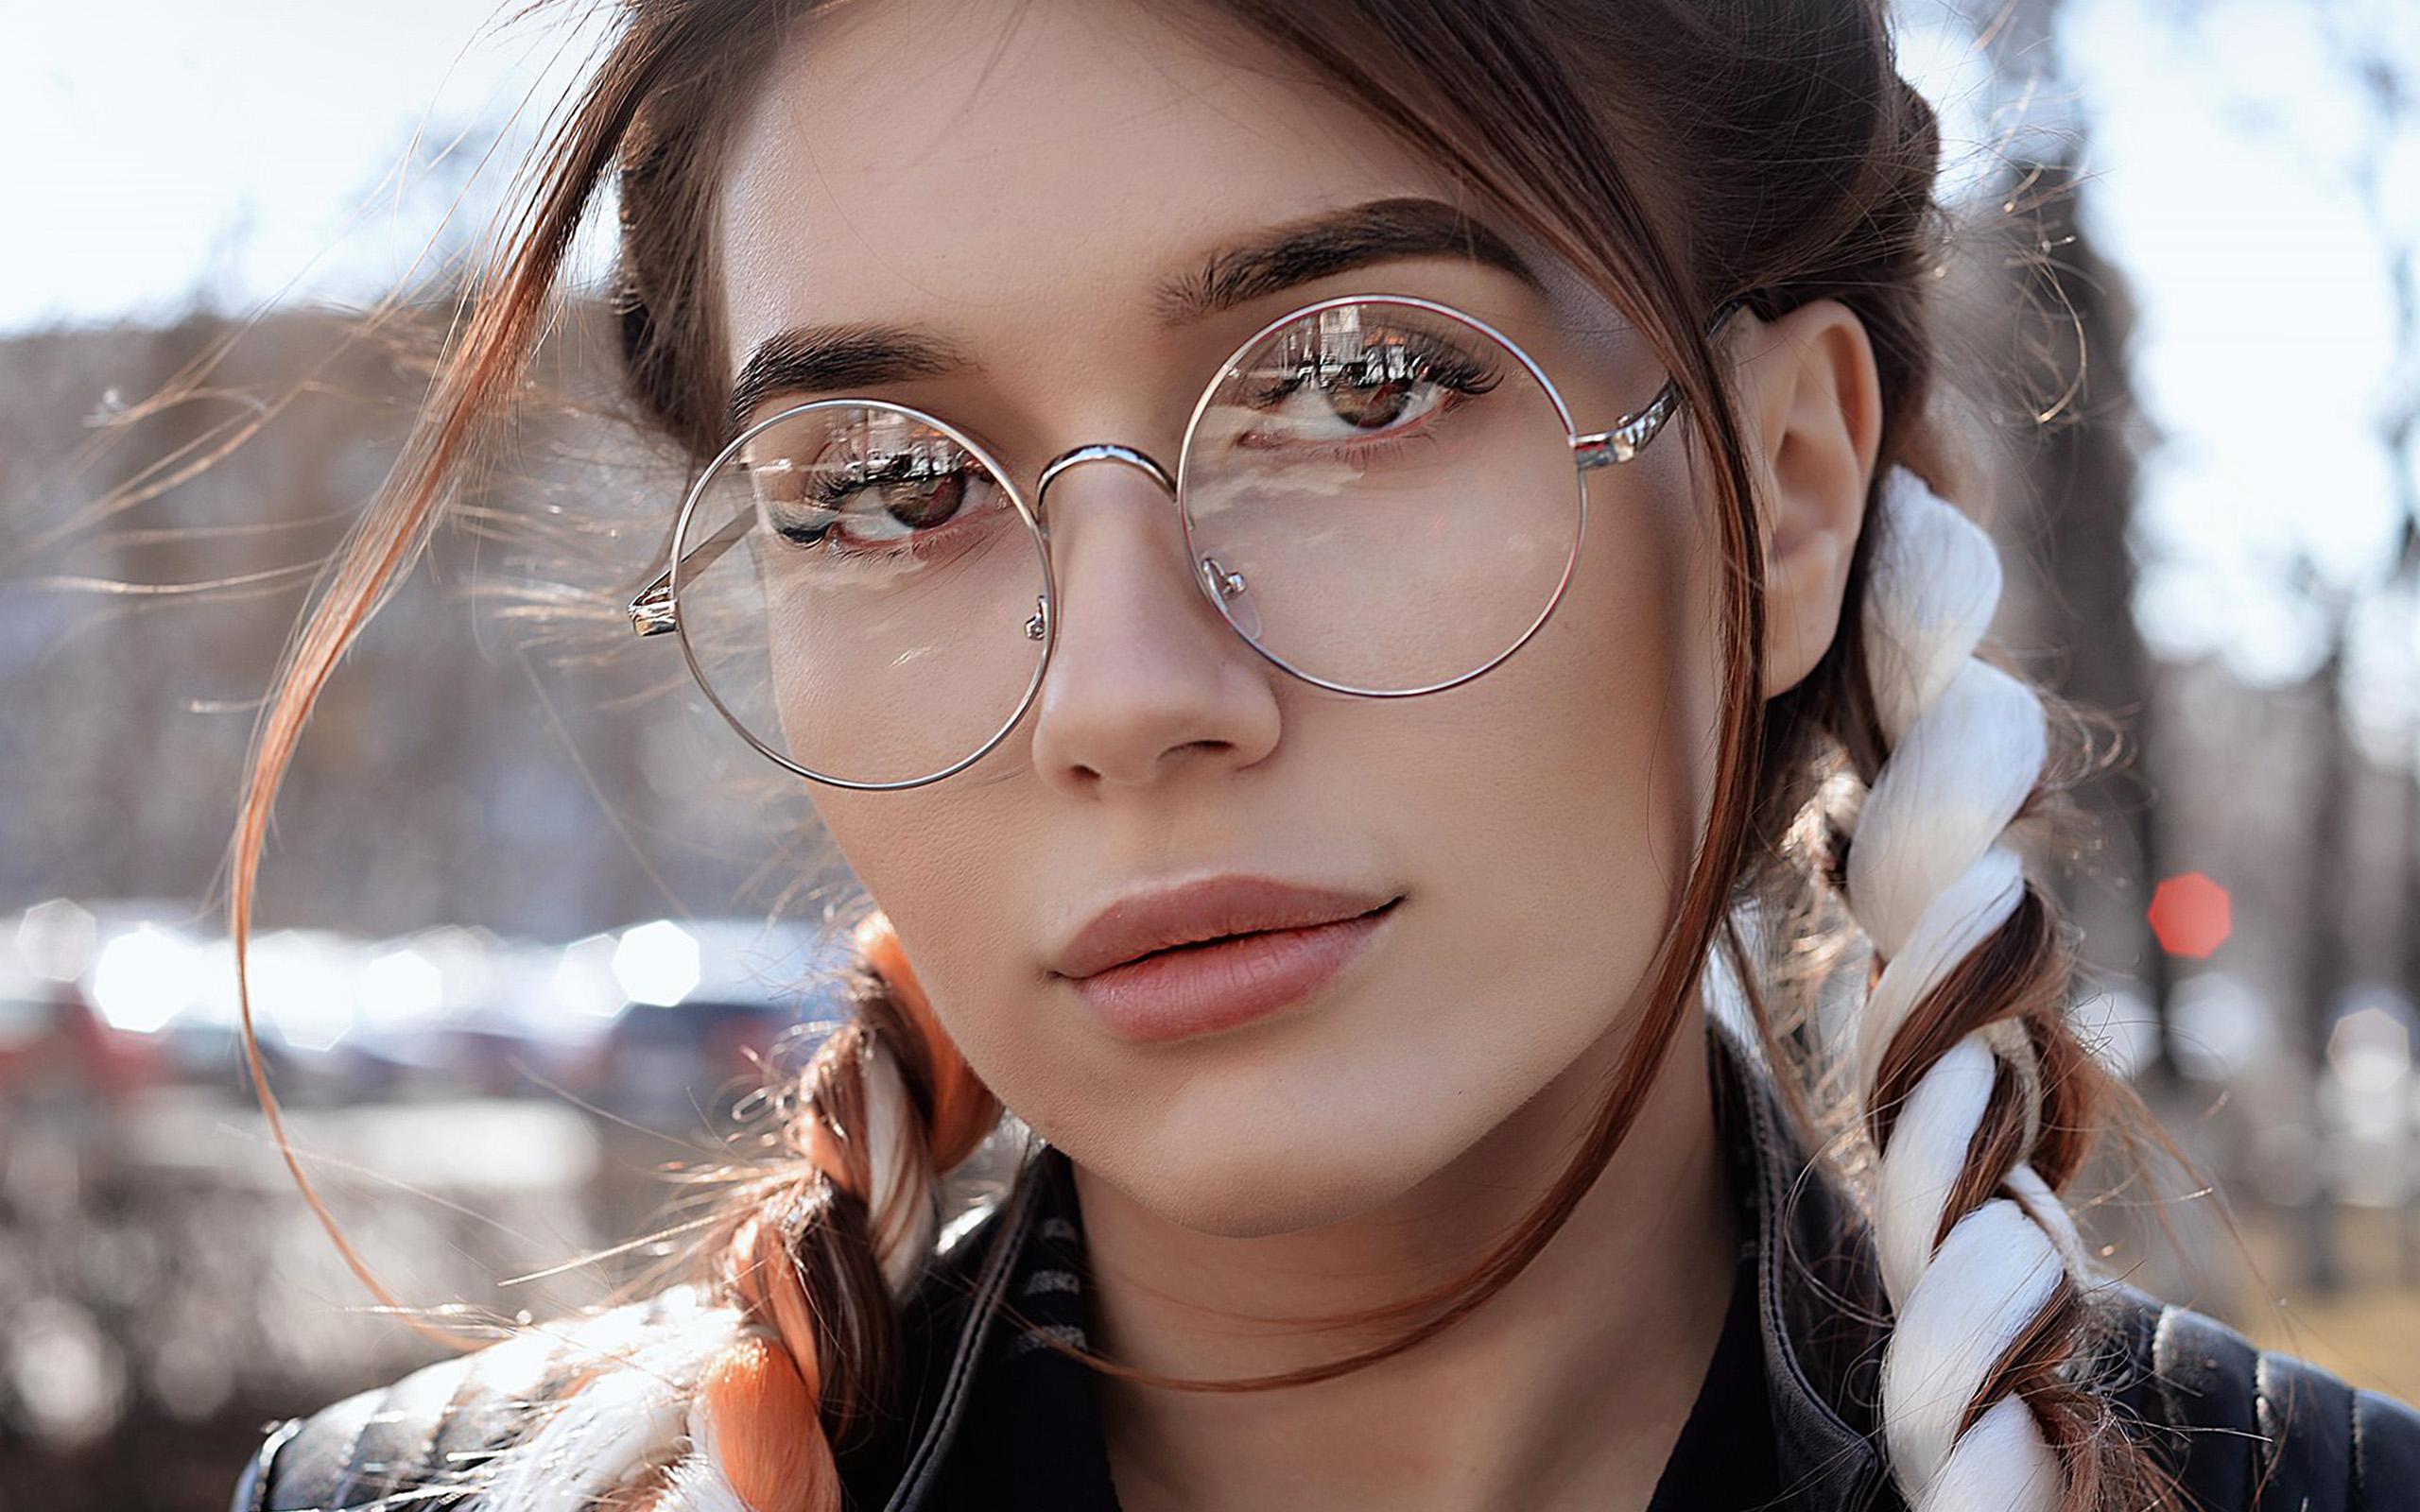 Girl In Rain Hd Wallpaper Hp49 Dua Lipa Girl Glasses Wallpaper